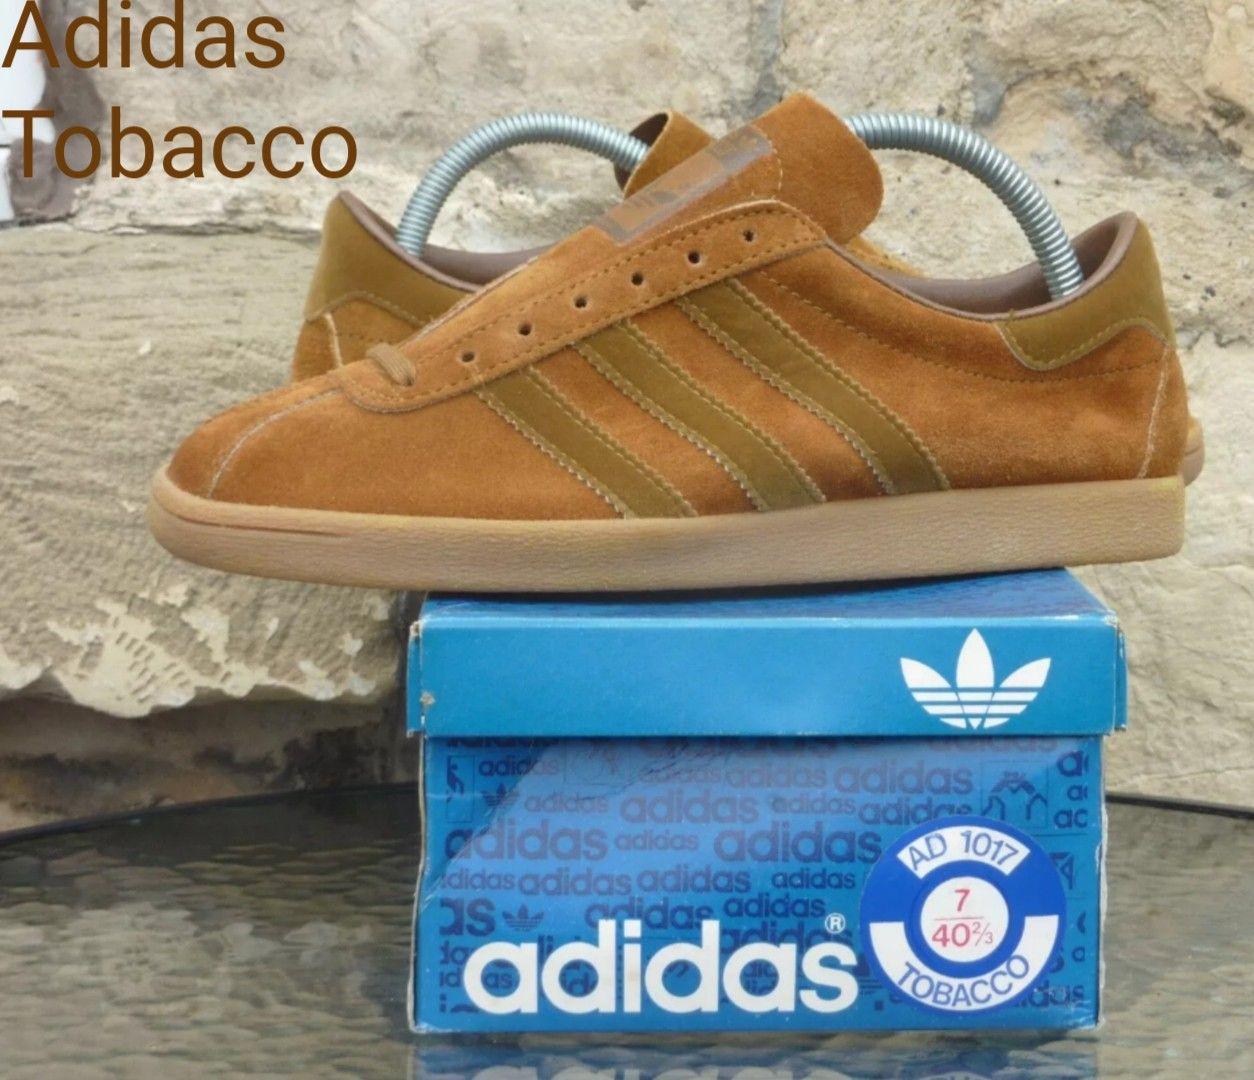 0536147e22e90 Stunning vintage French Adidas Tobacco +OG box.. | Adidas Originals ...